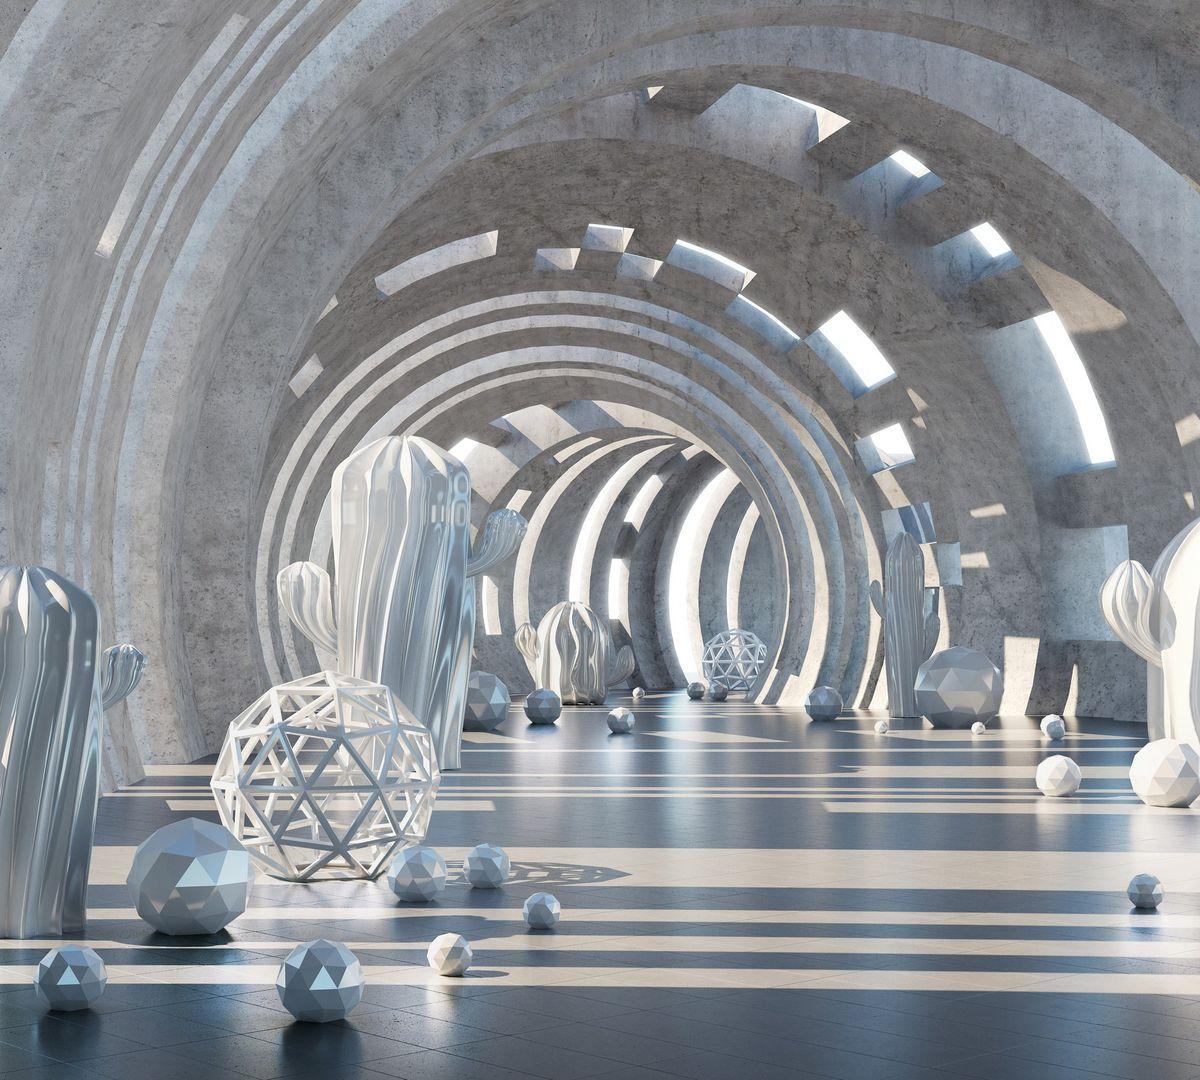 Фотообои антивандальные Antimarker 3D Тоннель времени, супермоющиеся, 300 х 270 см6-A-6014